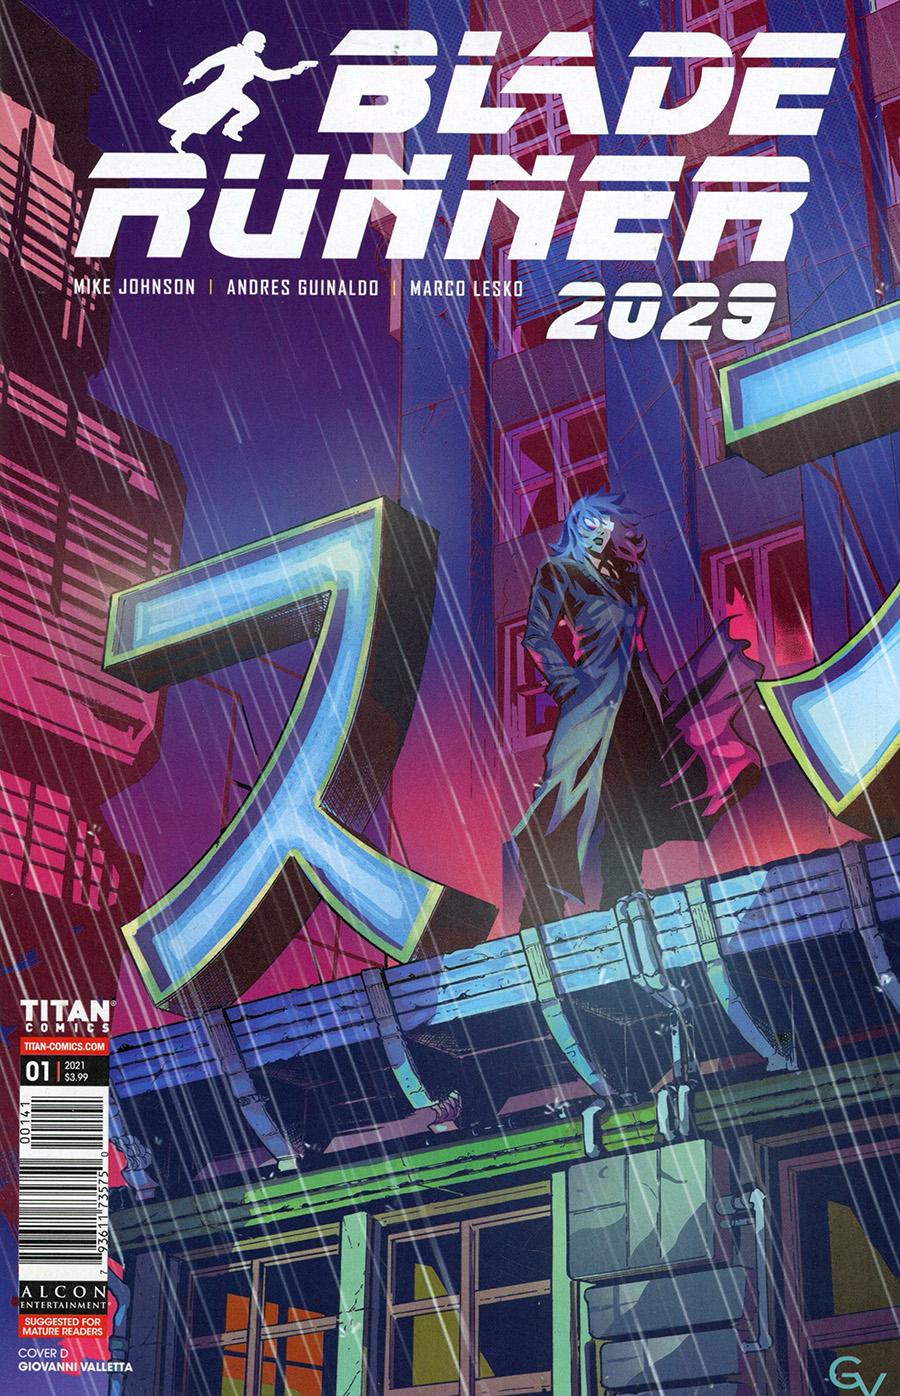 Blade Runner 2029 #1 Cover D Variant Giovanni Valletta Cover